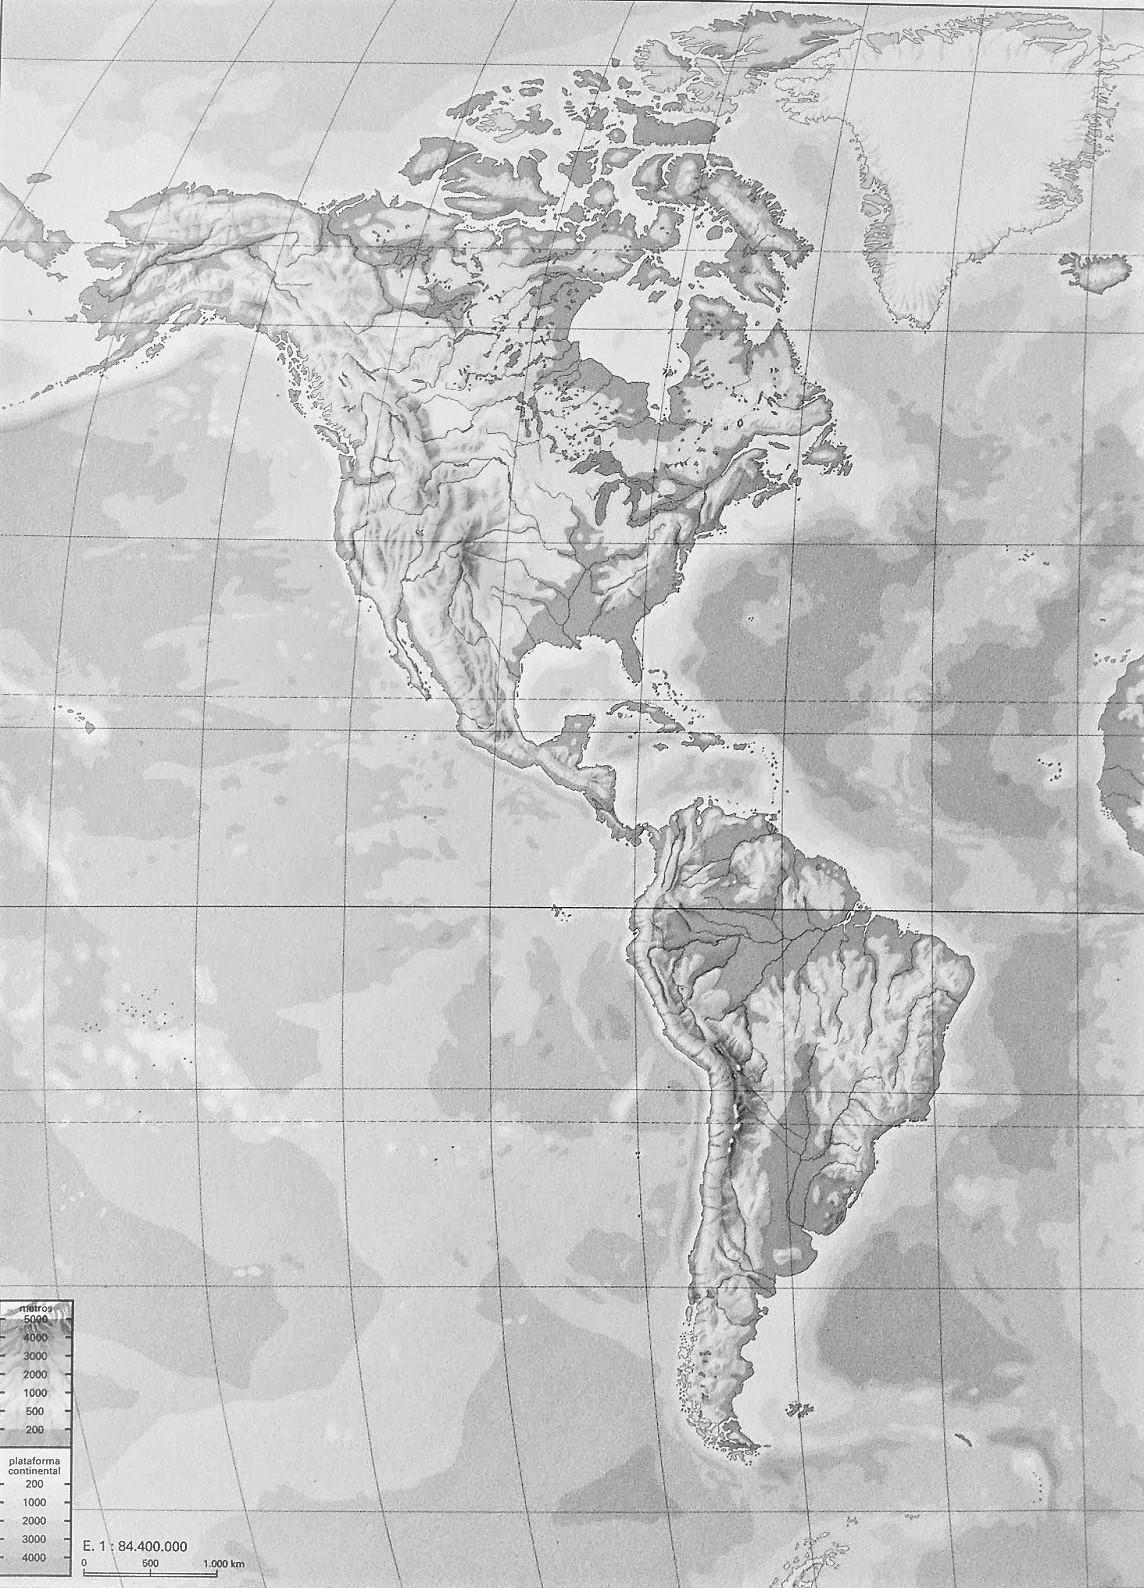 Mapa Fisico De Oceania Mudo Para Imprimir En Blanco Y Negro.Mapa De America Para Imprimir Politico Fisico Mudo